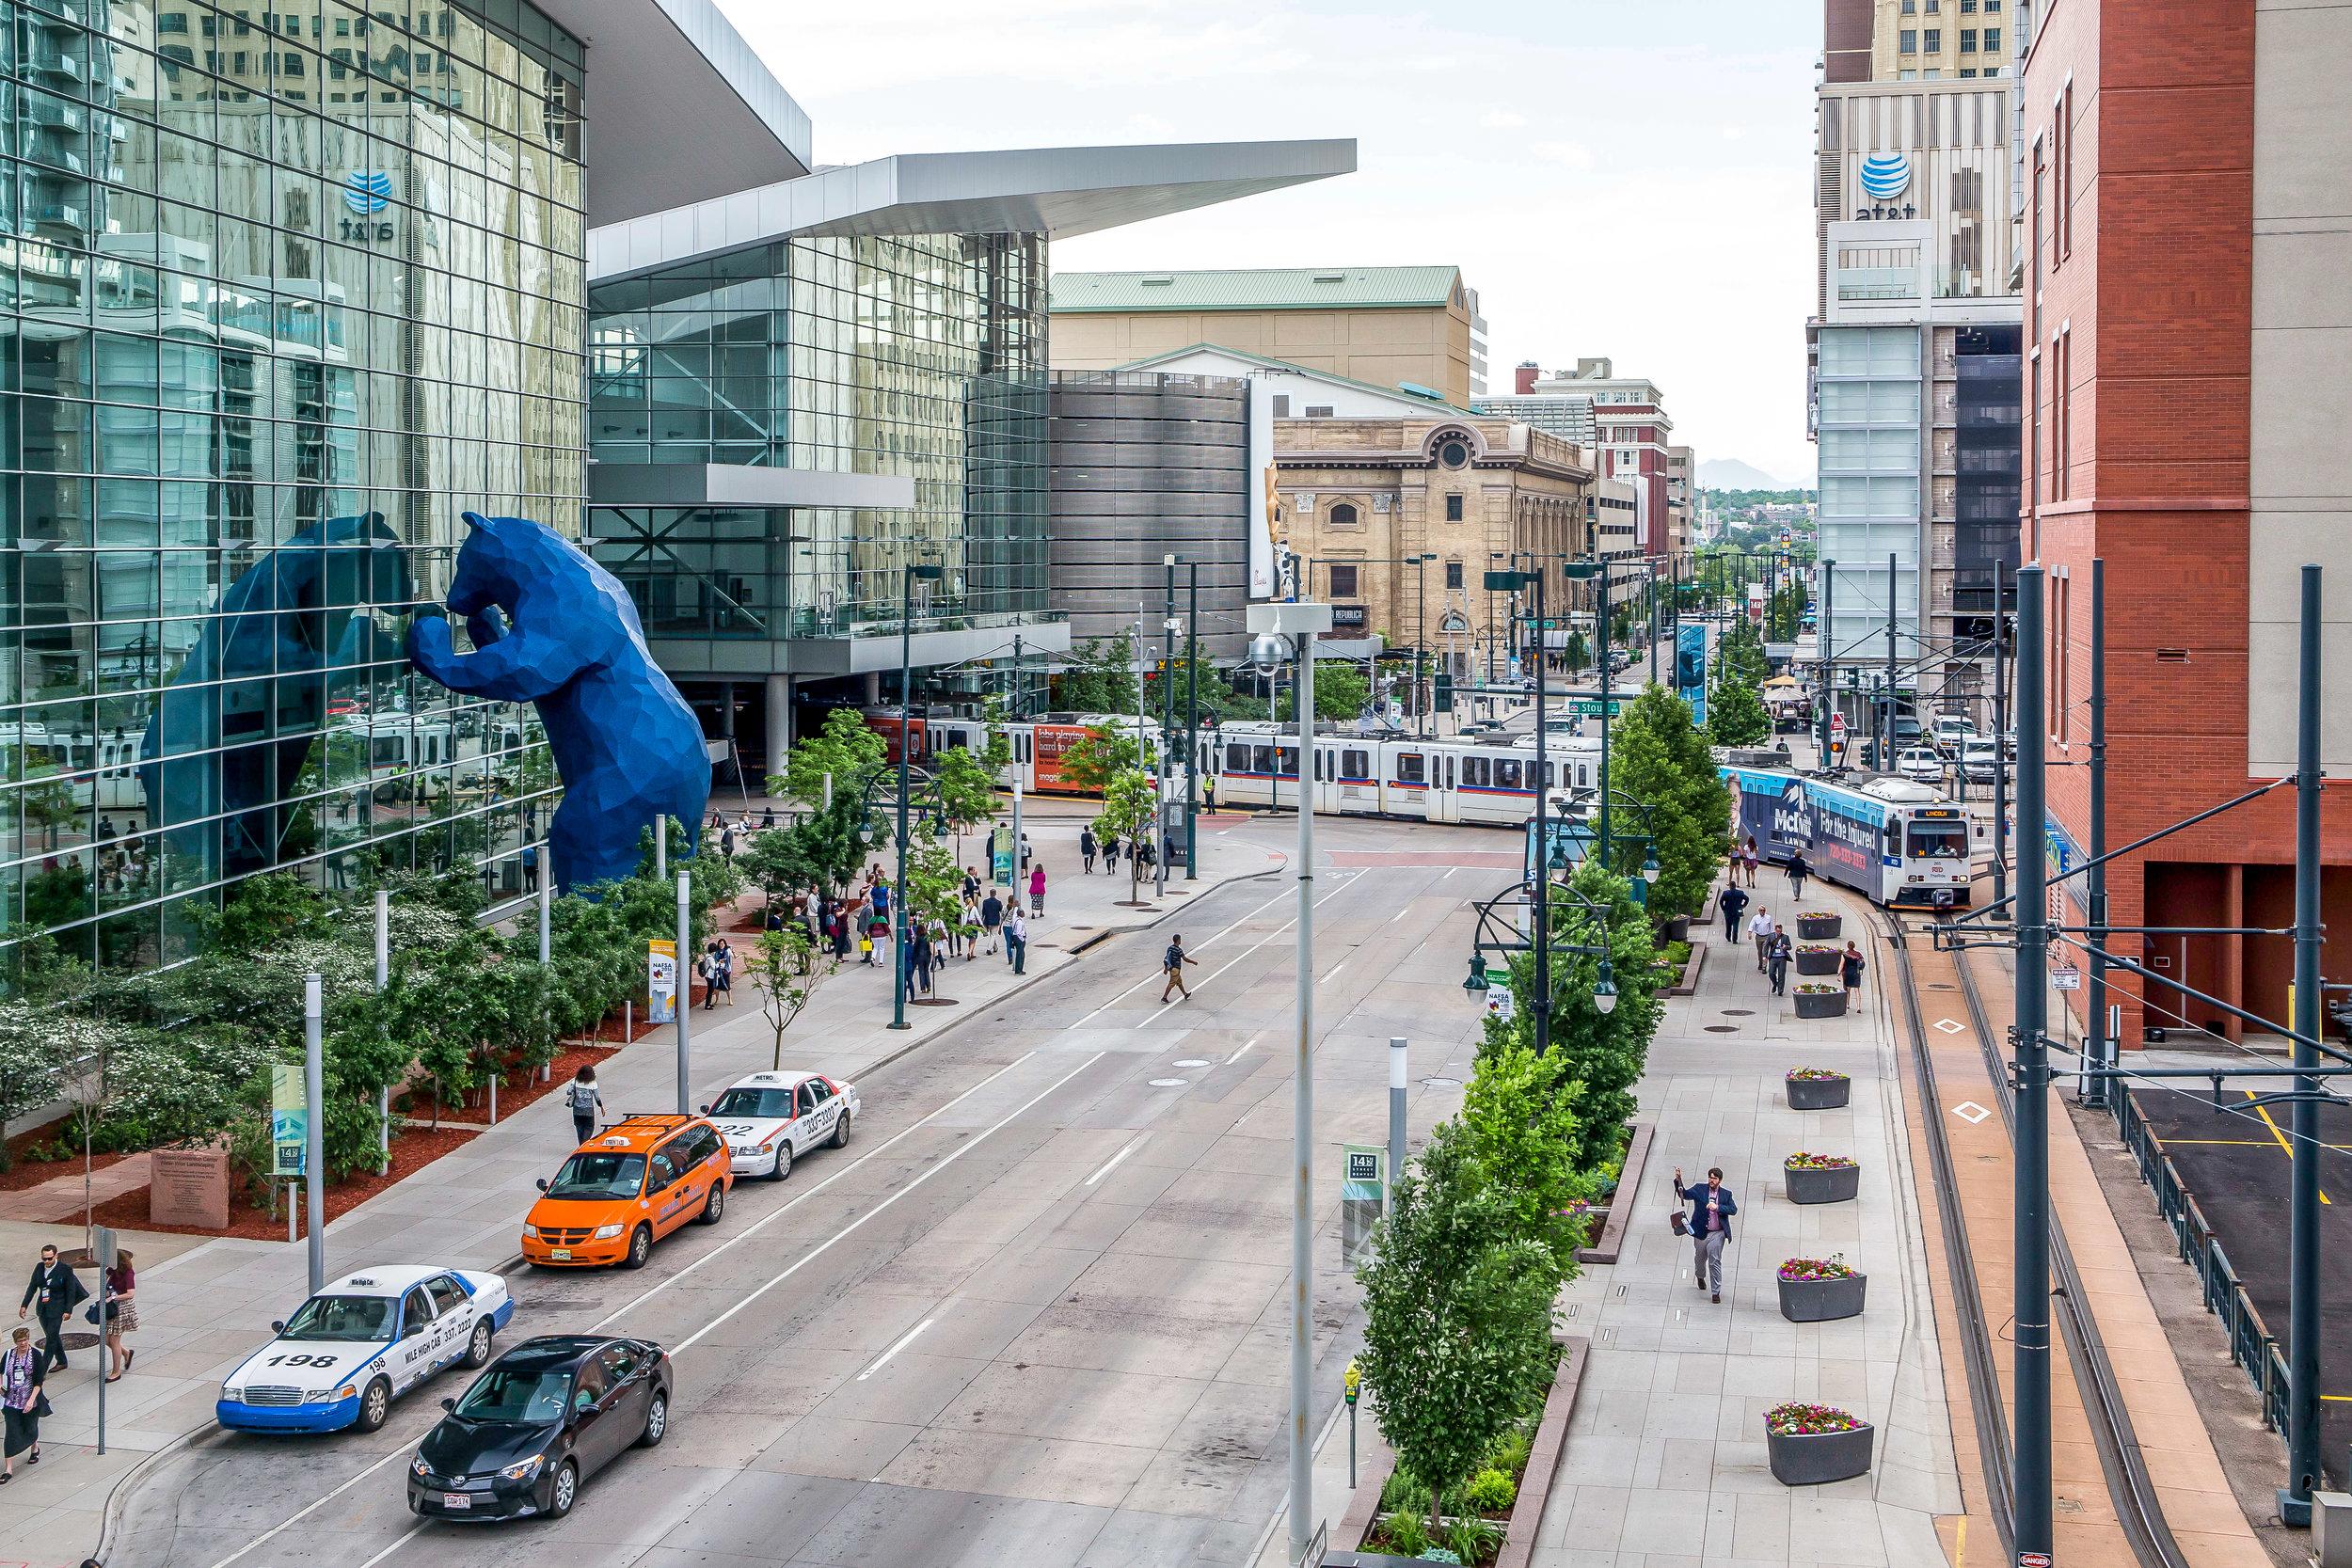 <f>Services</f><f>UrbanDesign</f><f>Services</f><f>LandscapeArchitecture</f></f><f>Markets</f><f>Community</f><t>14th Street Redevelopment</t><m>Denver, CO</m>